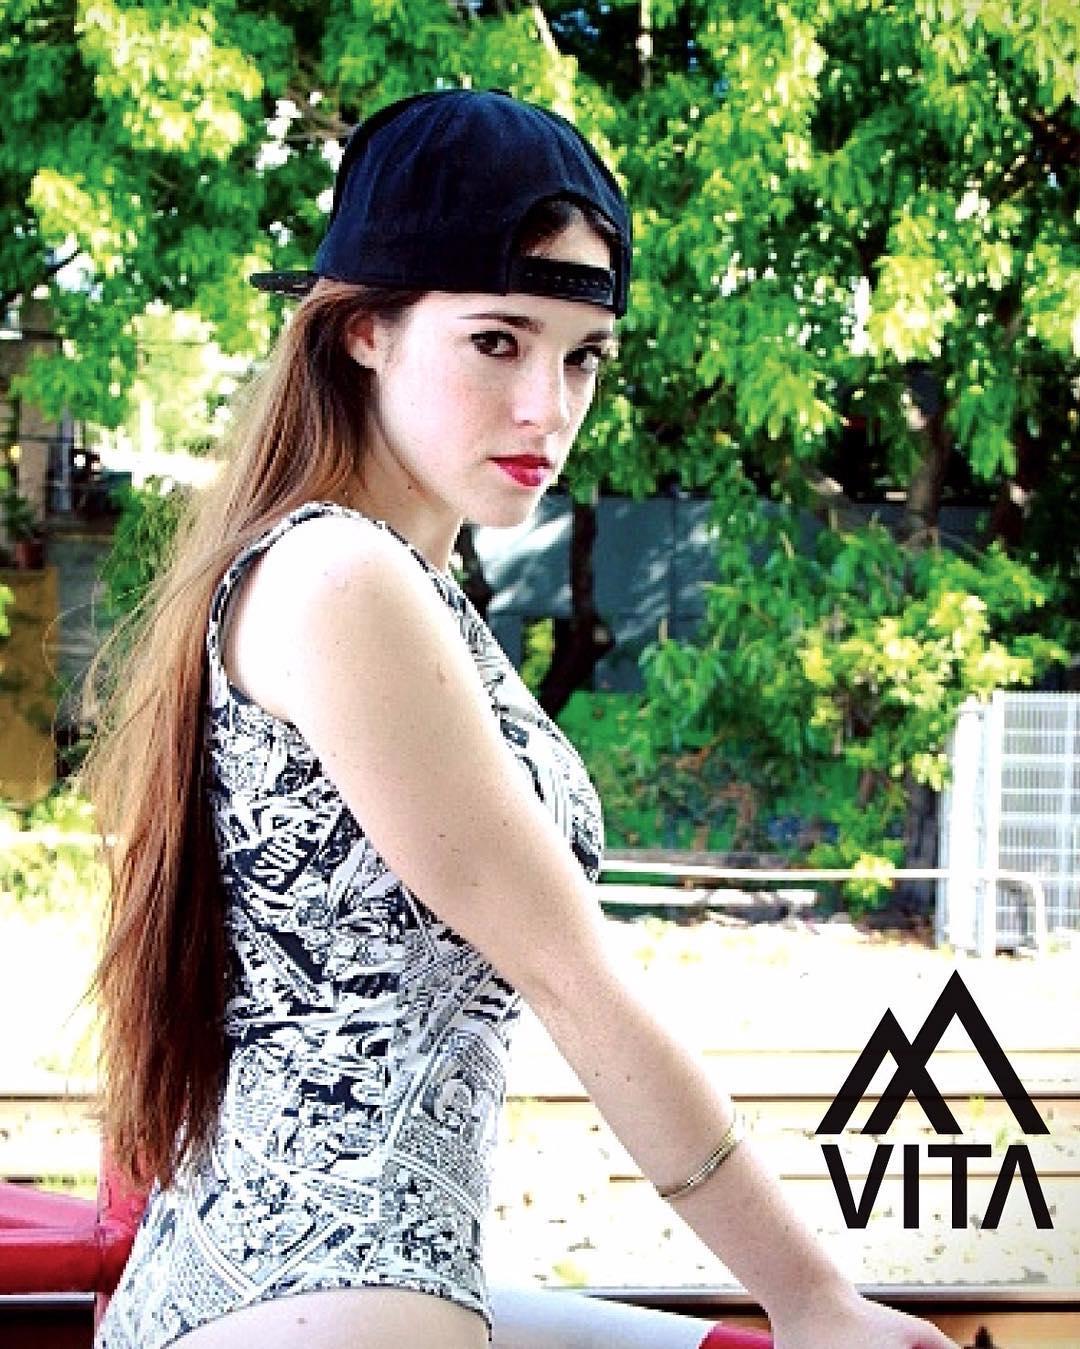 #VITAblack | @lulijota una bomba